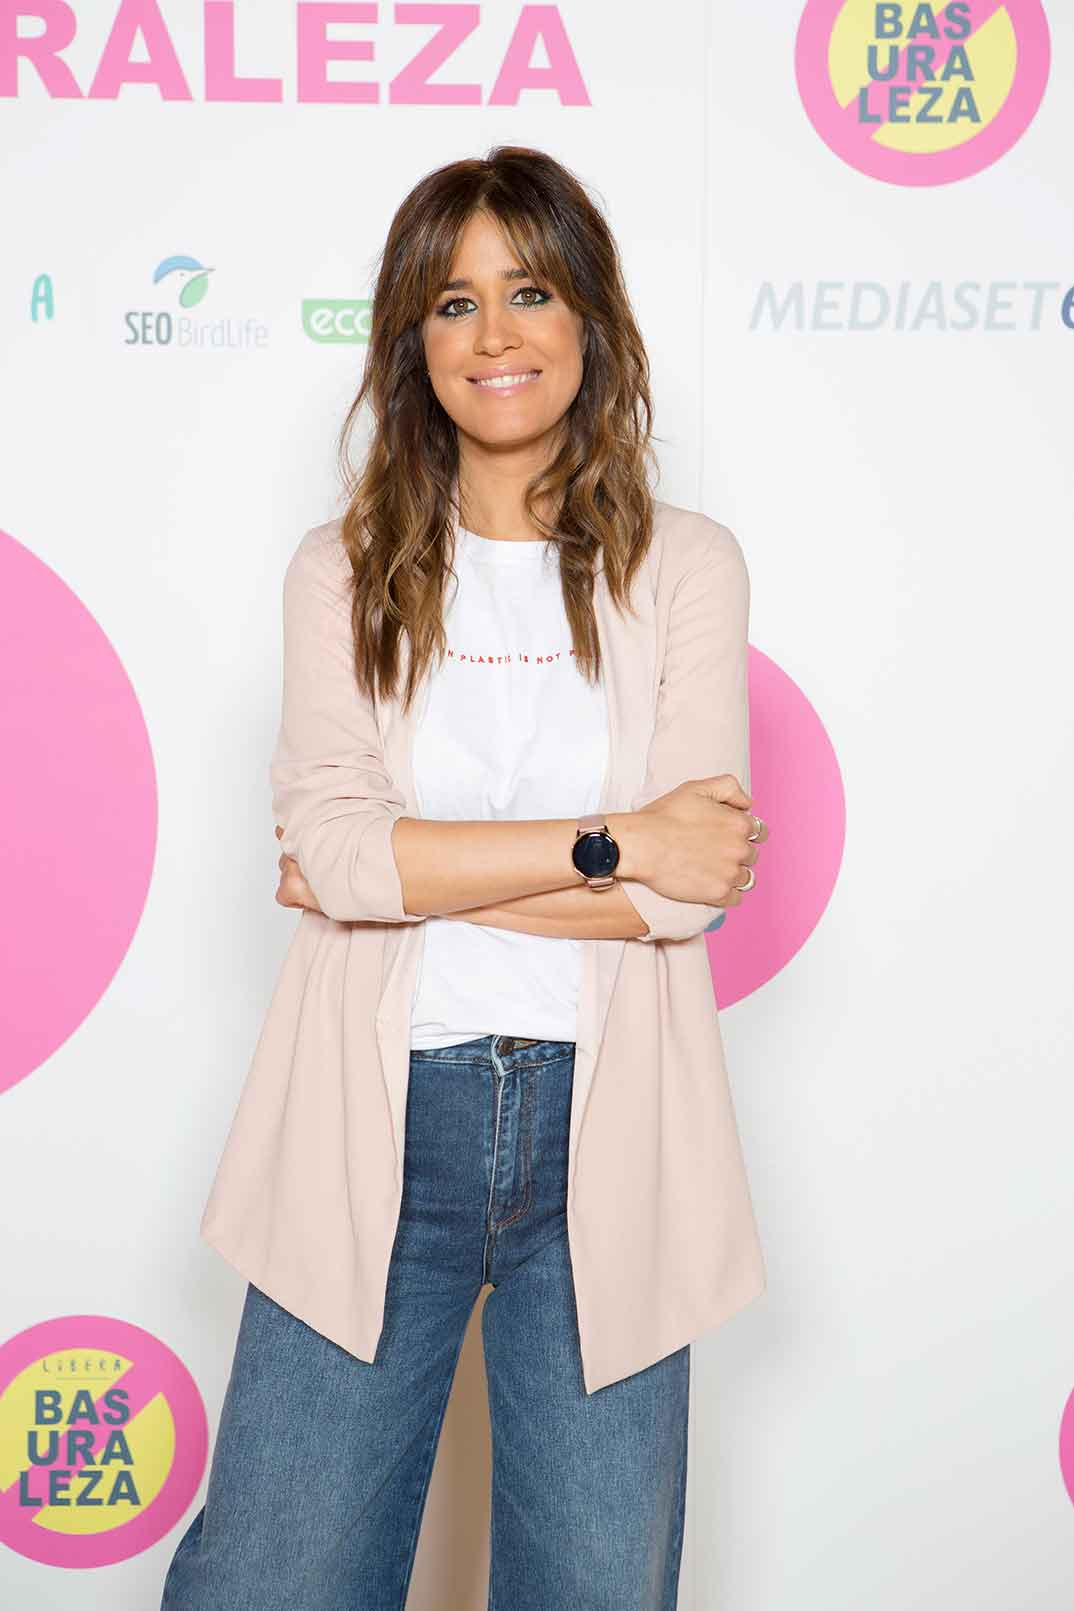 Isabel Jiménez - Basuraleza © Mediaset